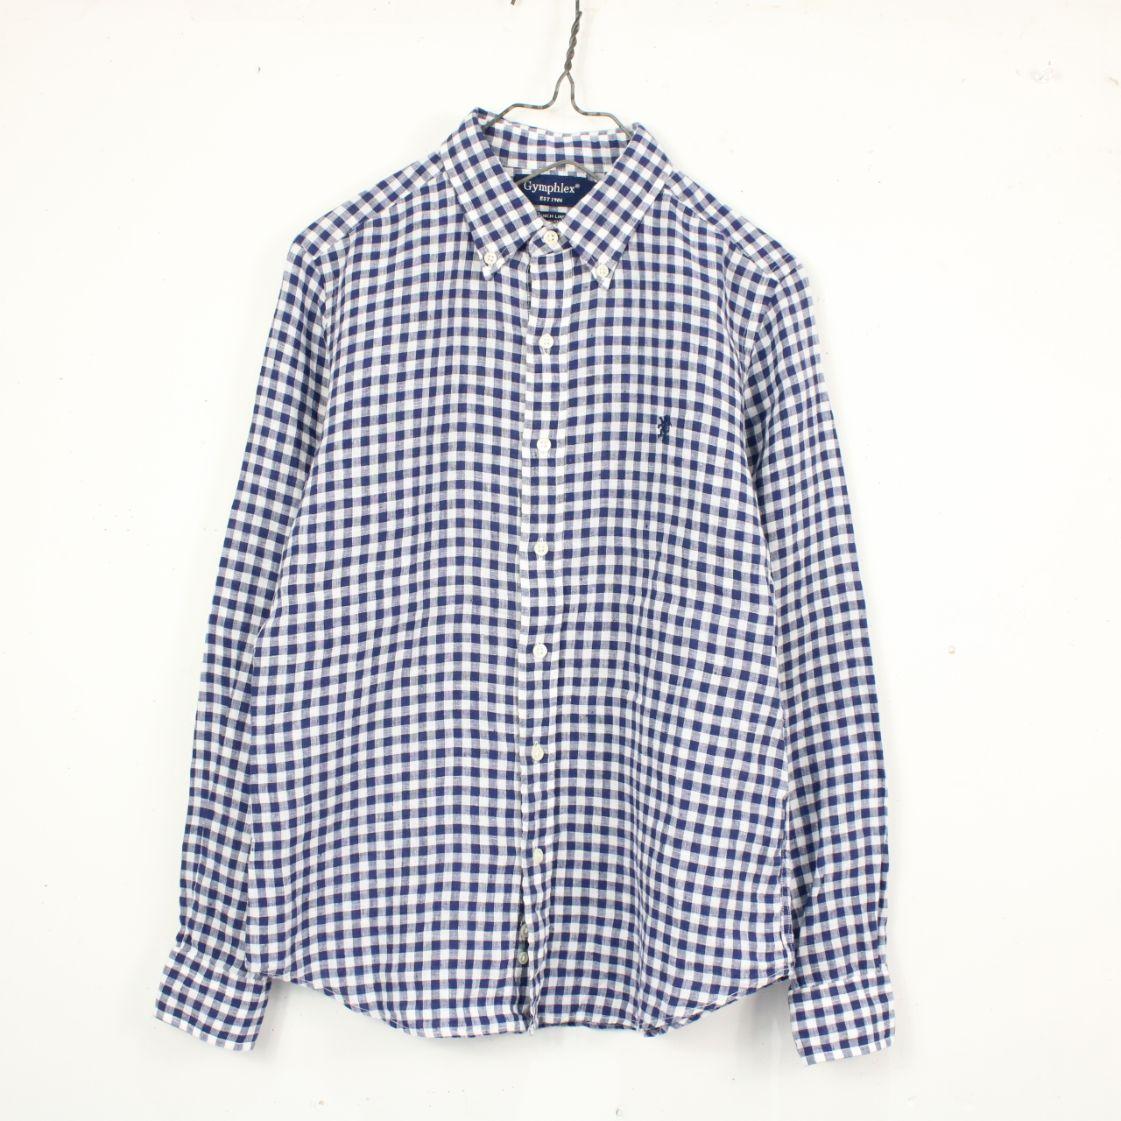 【美品】Gymphlex / ジムフレックス | フレンチリネンチェックボタンダウンシャツ | 12 | ブルー